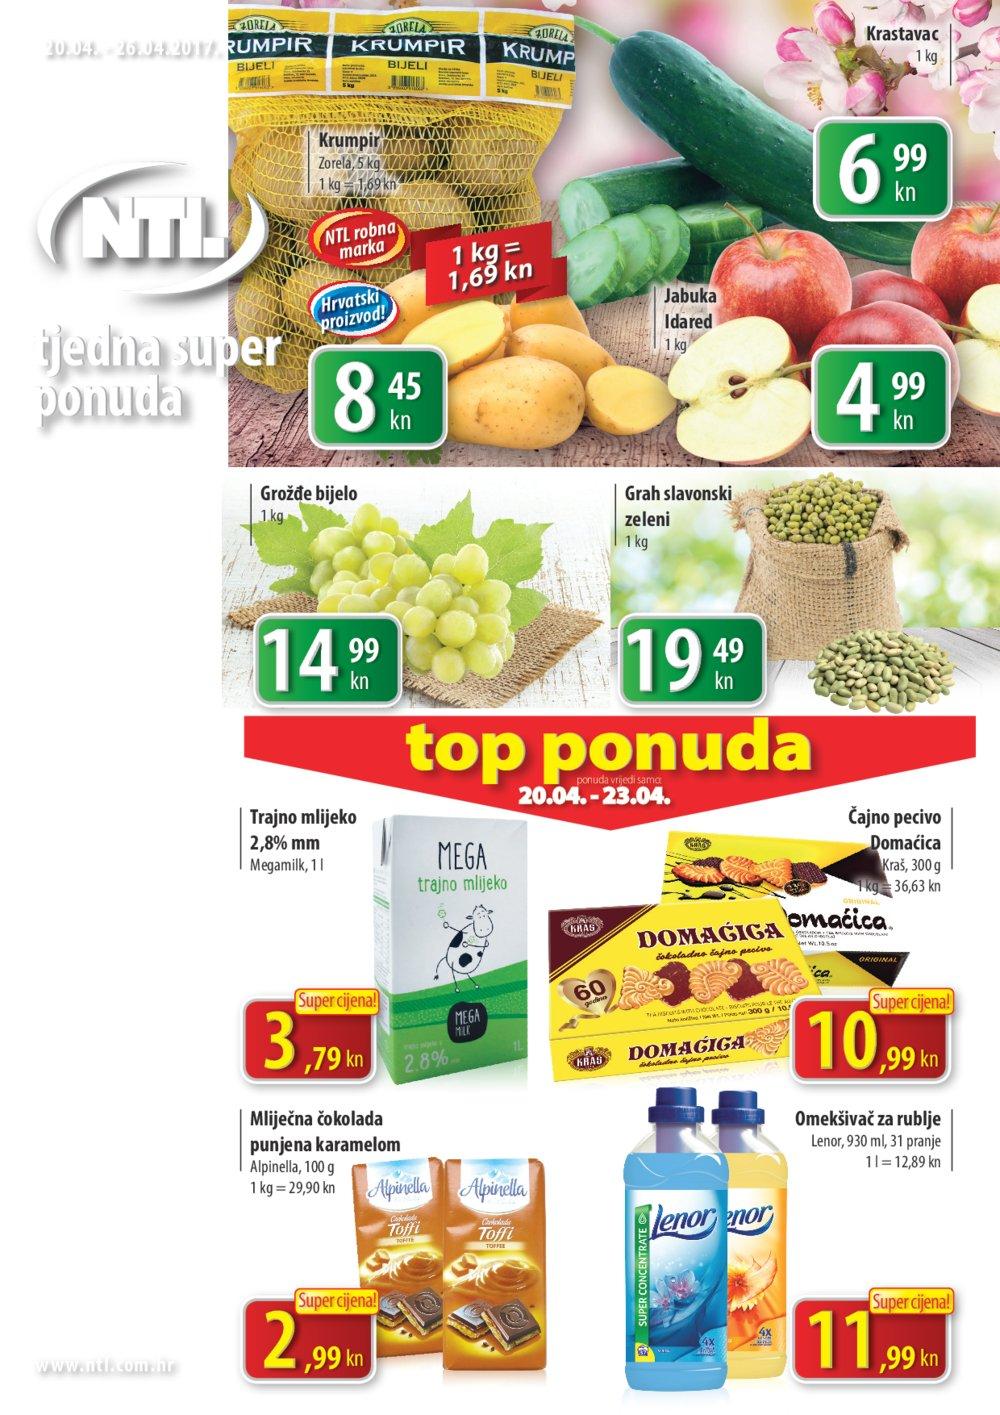 NTL katalog Tjedna ponuda Istok 20.04.-26.04.2017.